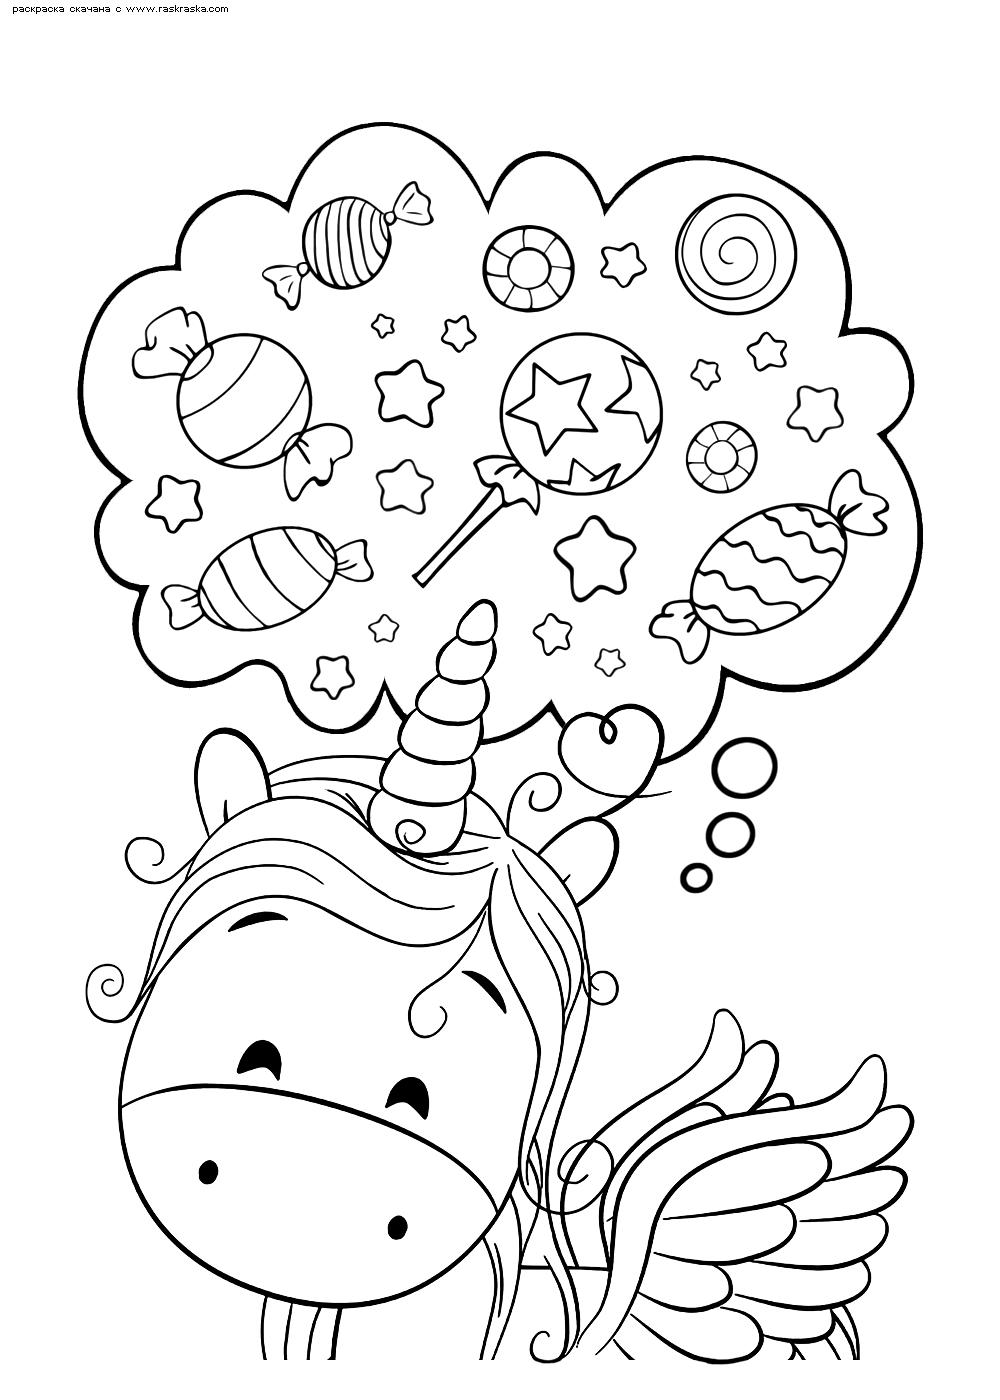 Раскраска Мечты | Раскраски няшных животных. Милые рисунки ...